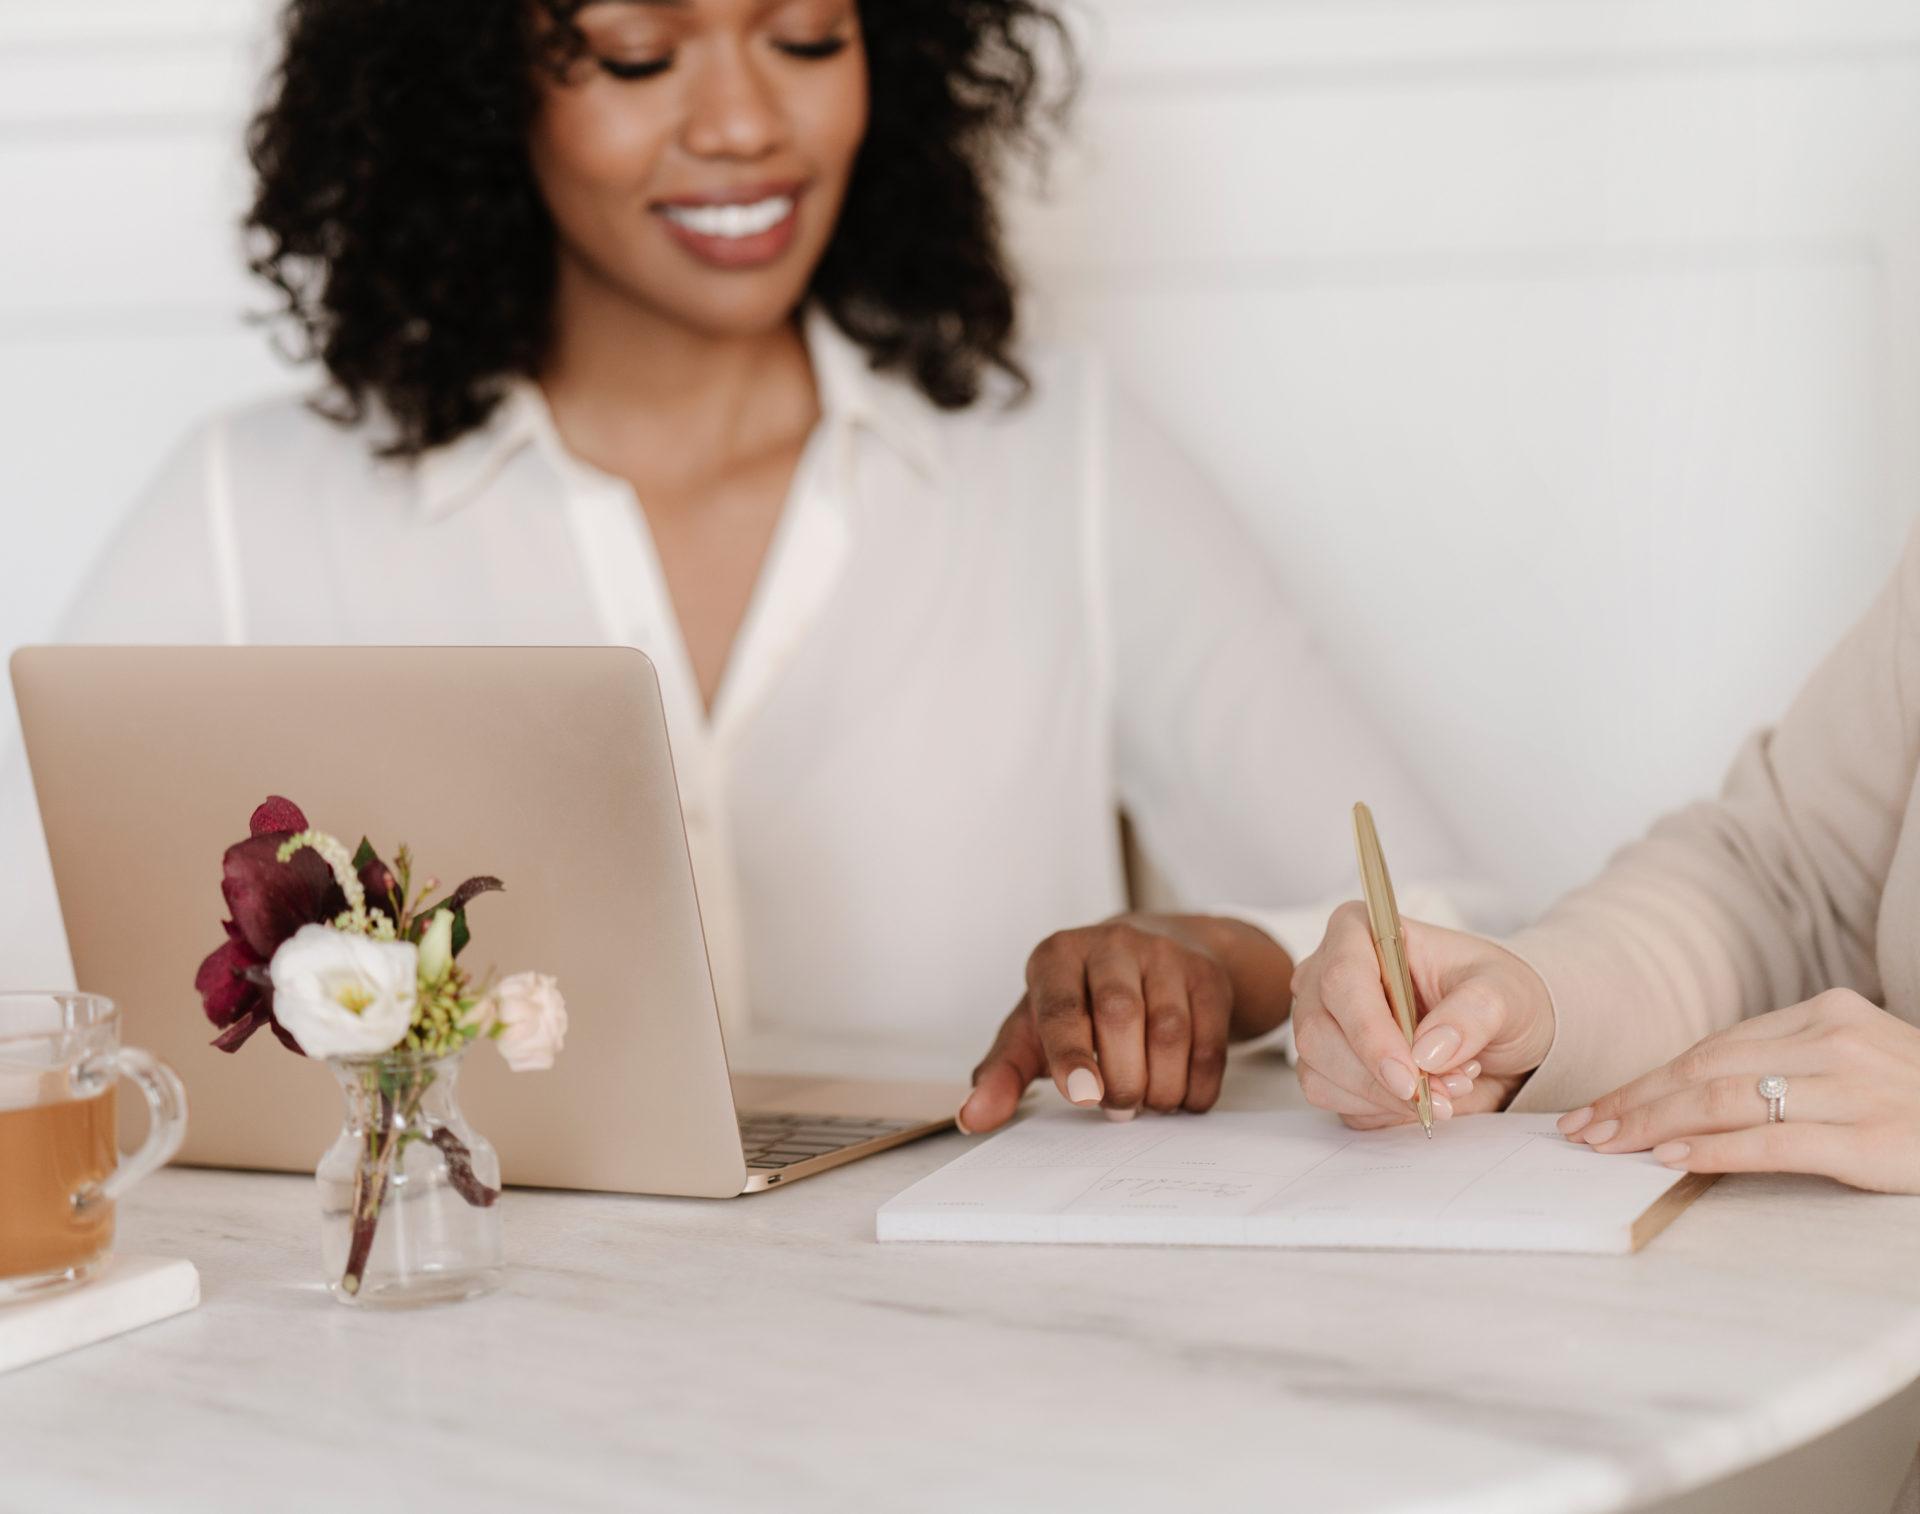 les-passionnelles-jeanne-authier-services-identite-visuelle-logo-wedding-planner